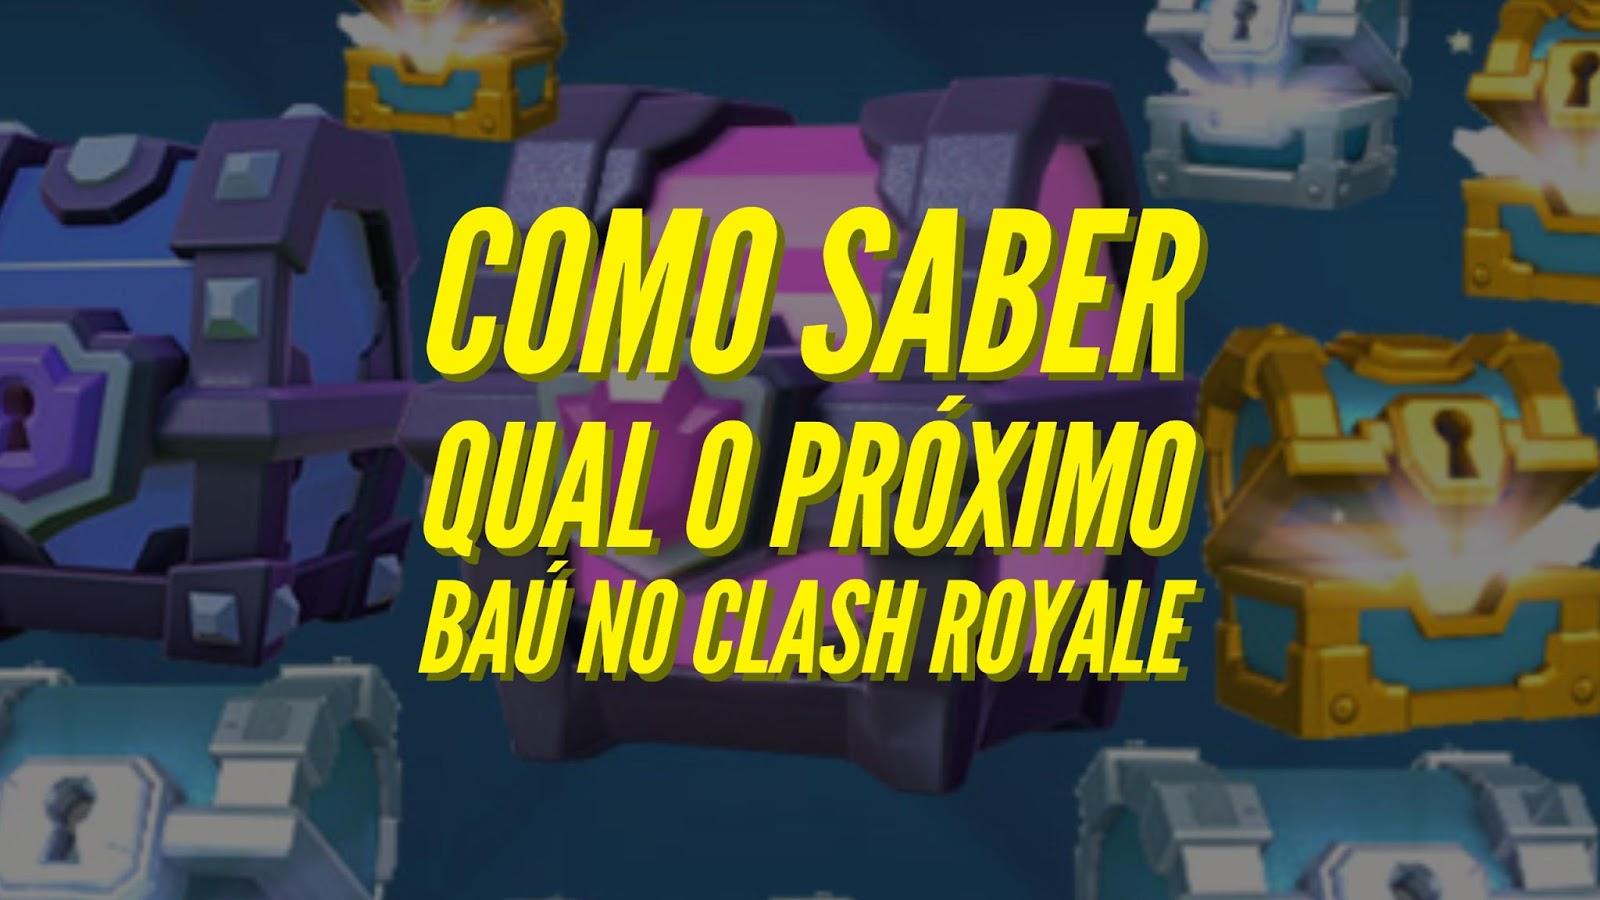 Como saber qual o próximo baú no Clash Royale